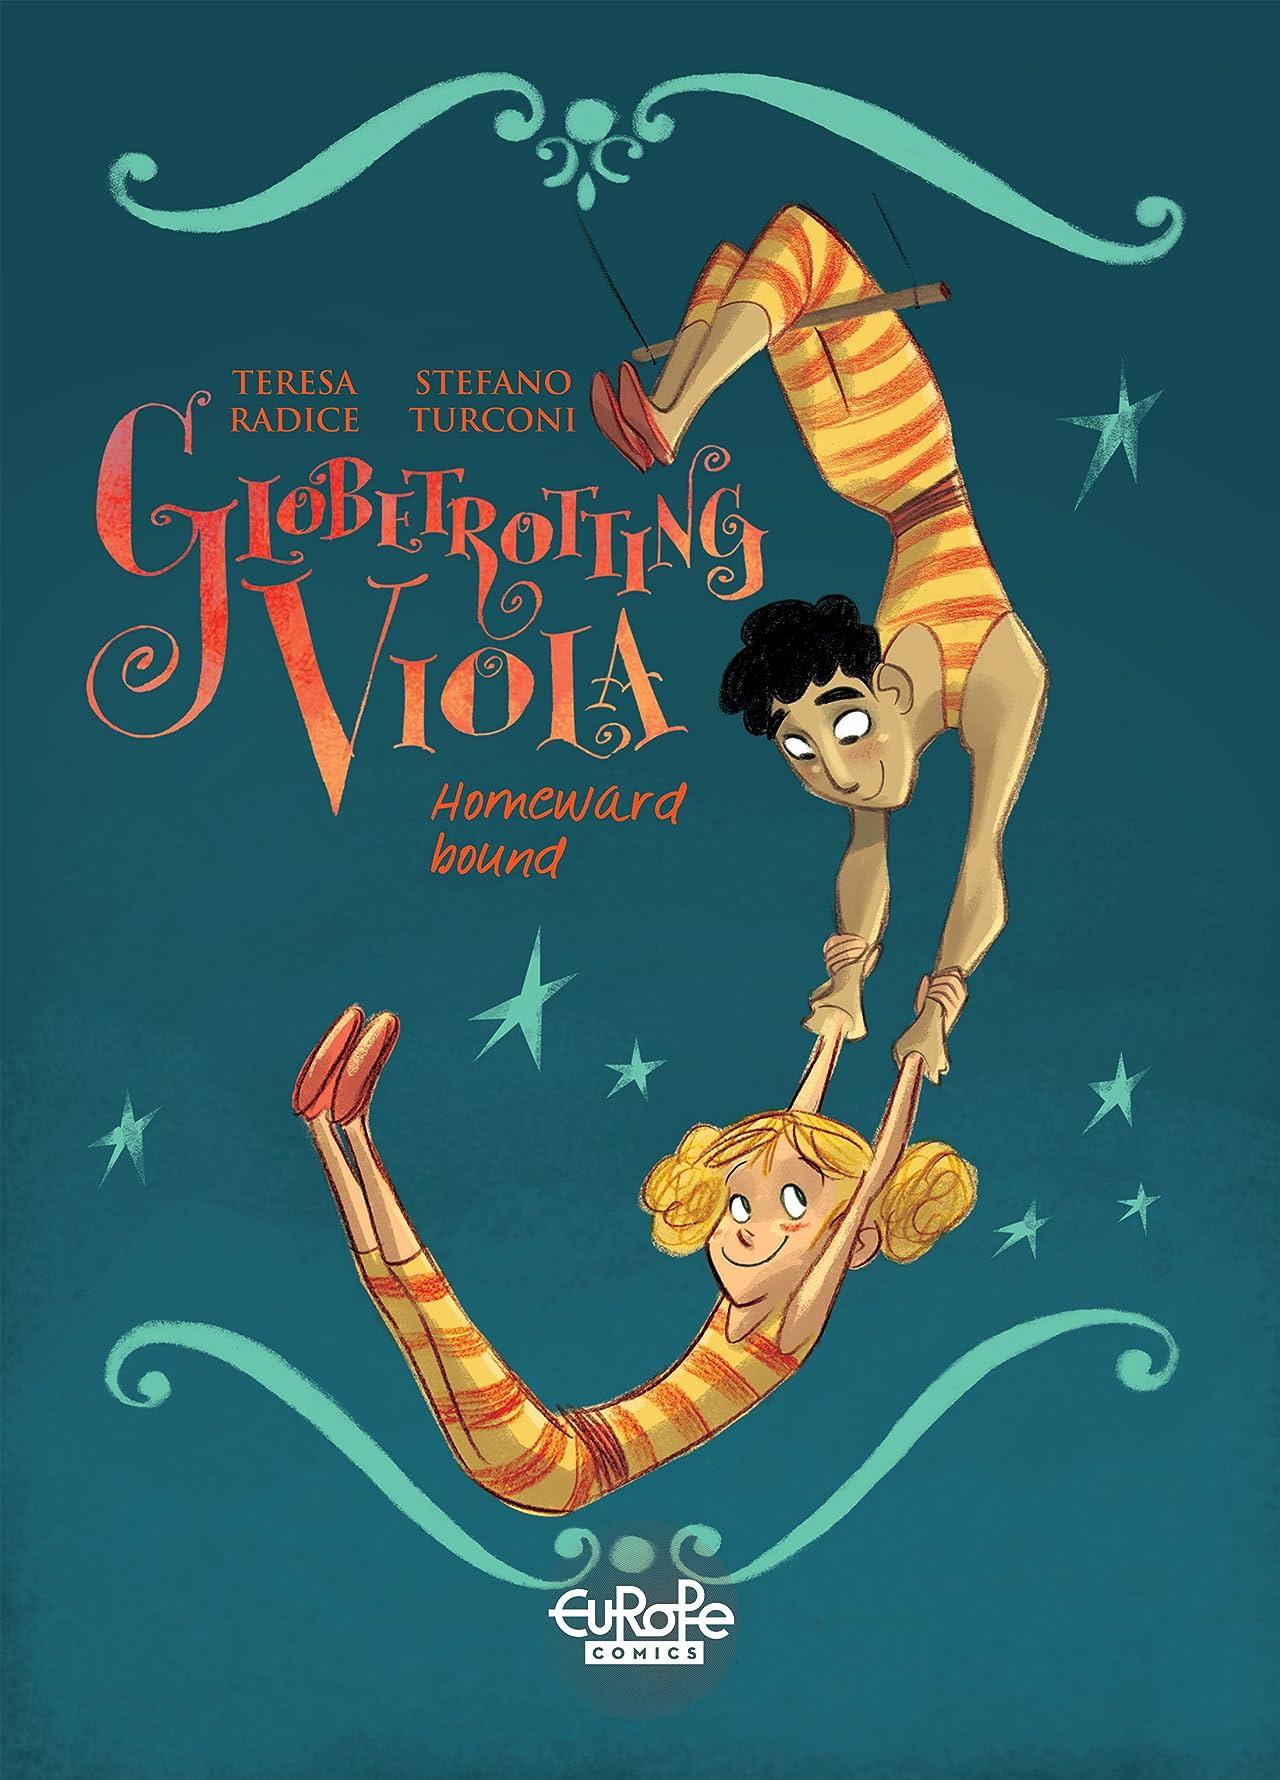 Globetrotting Viola Vol. 3: Homeward Bound